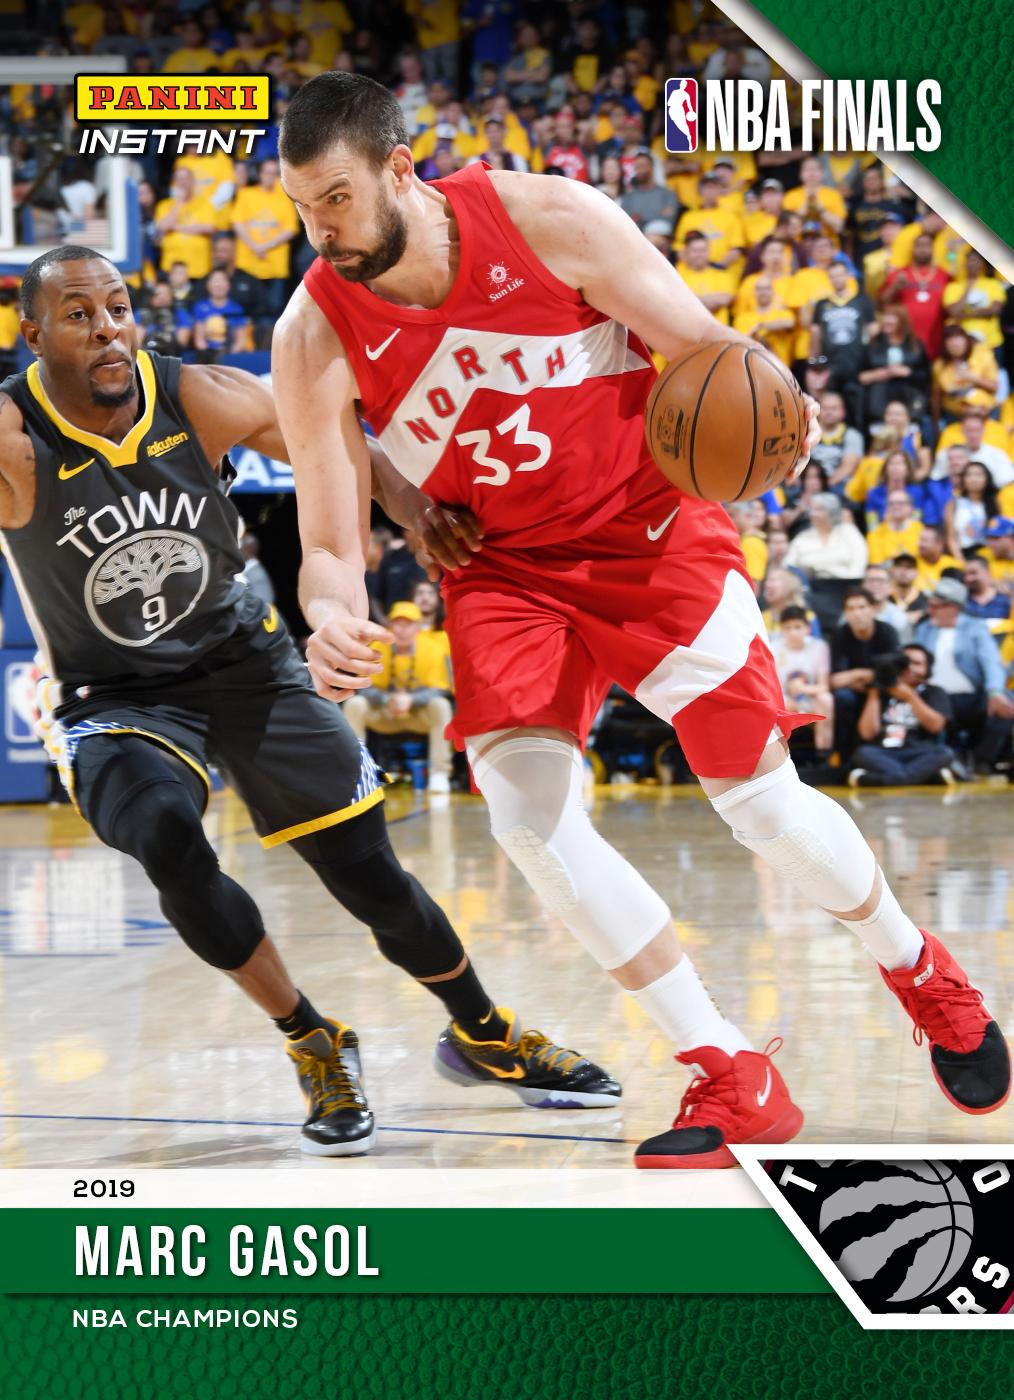 48cf0d352463e Marc Gasol – 2018-19 NBA Instant #185 – Green 1/10